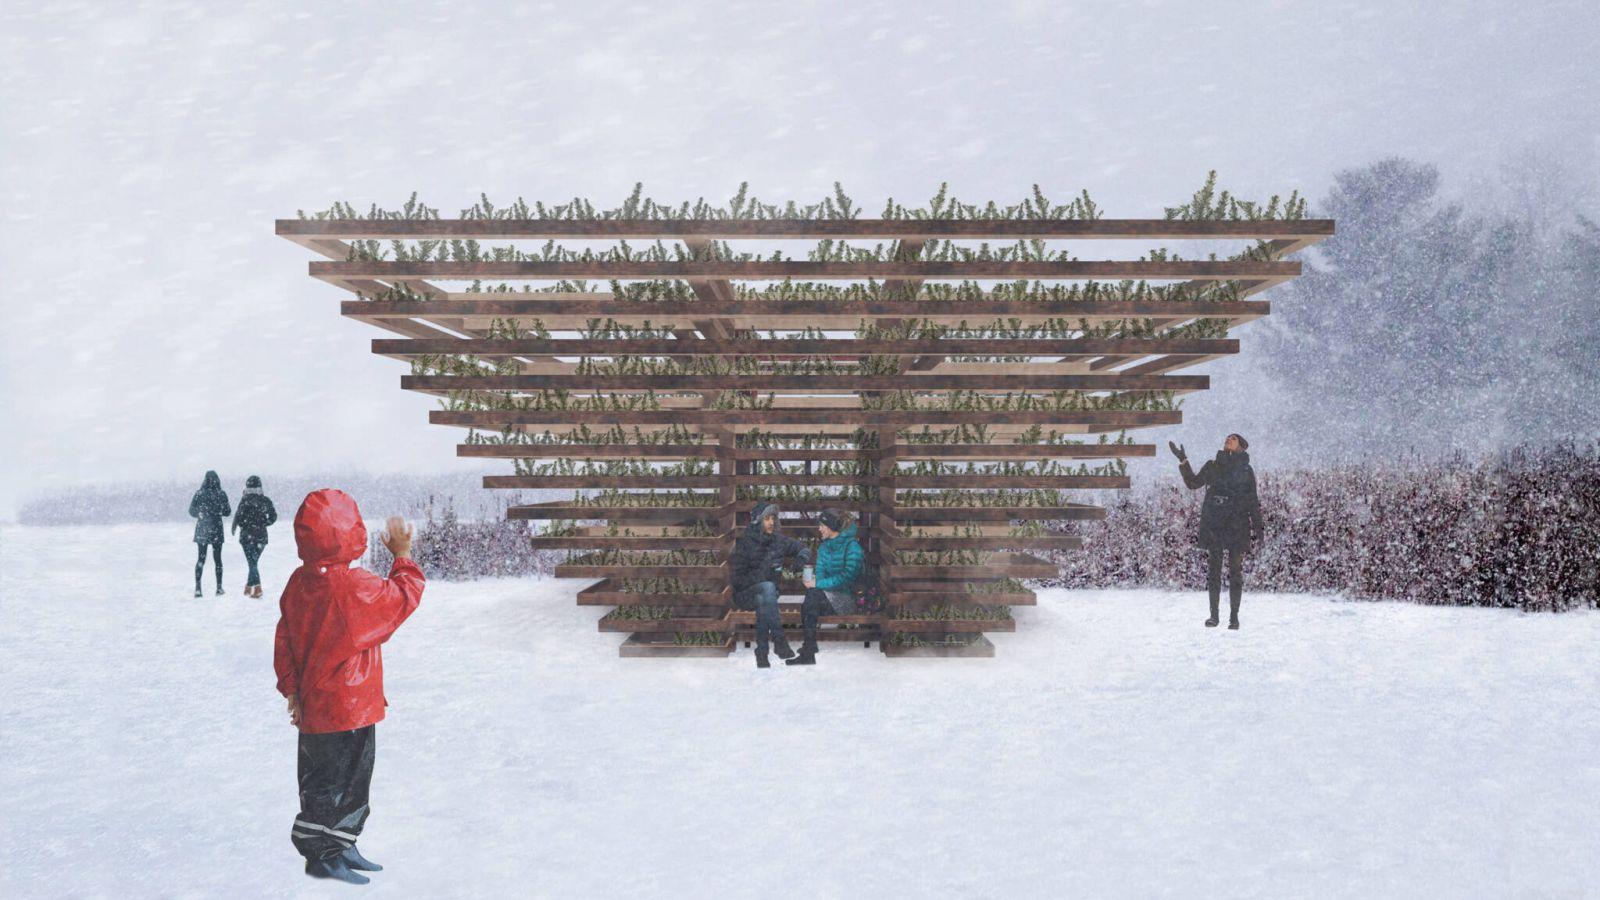 Τορόντο: Ο σχεδιασμός των Χώρων Αναμονής – Winter Stations είχε ως θέμα την κοινωνική αποστασιοποίηση